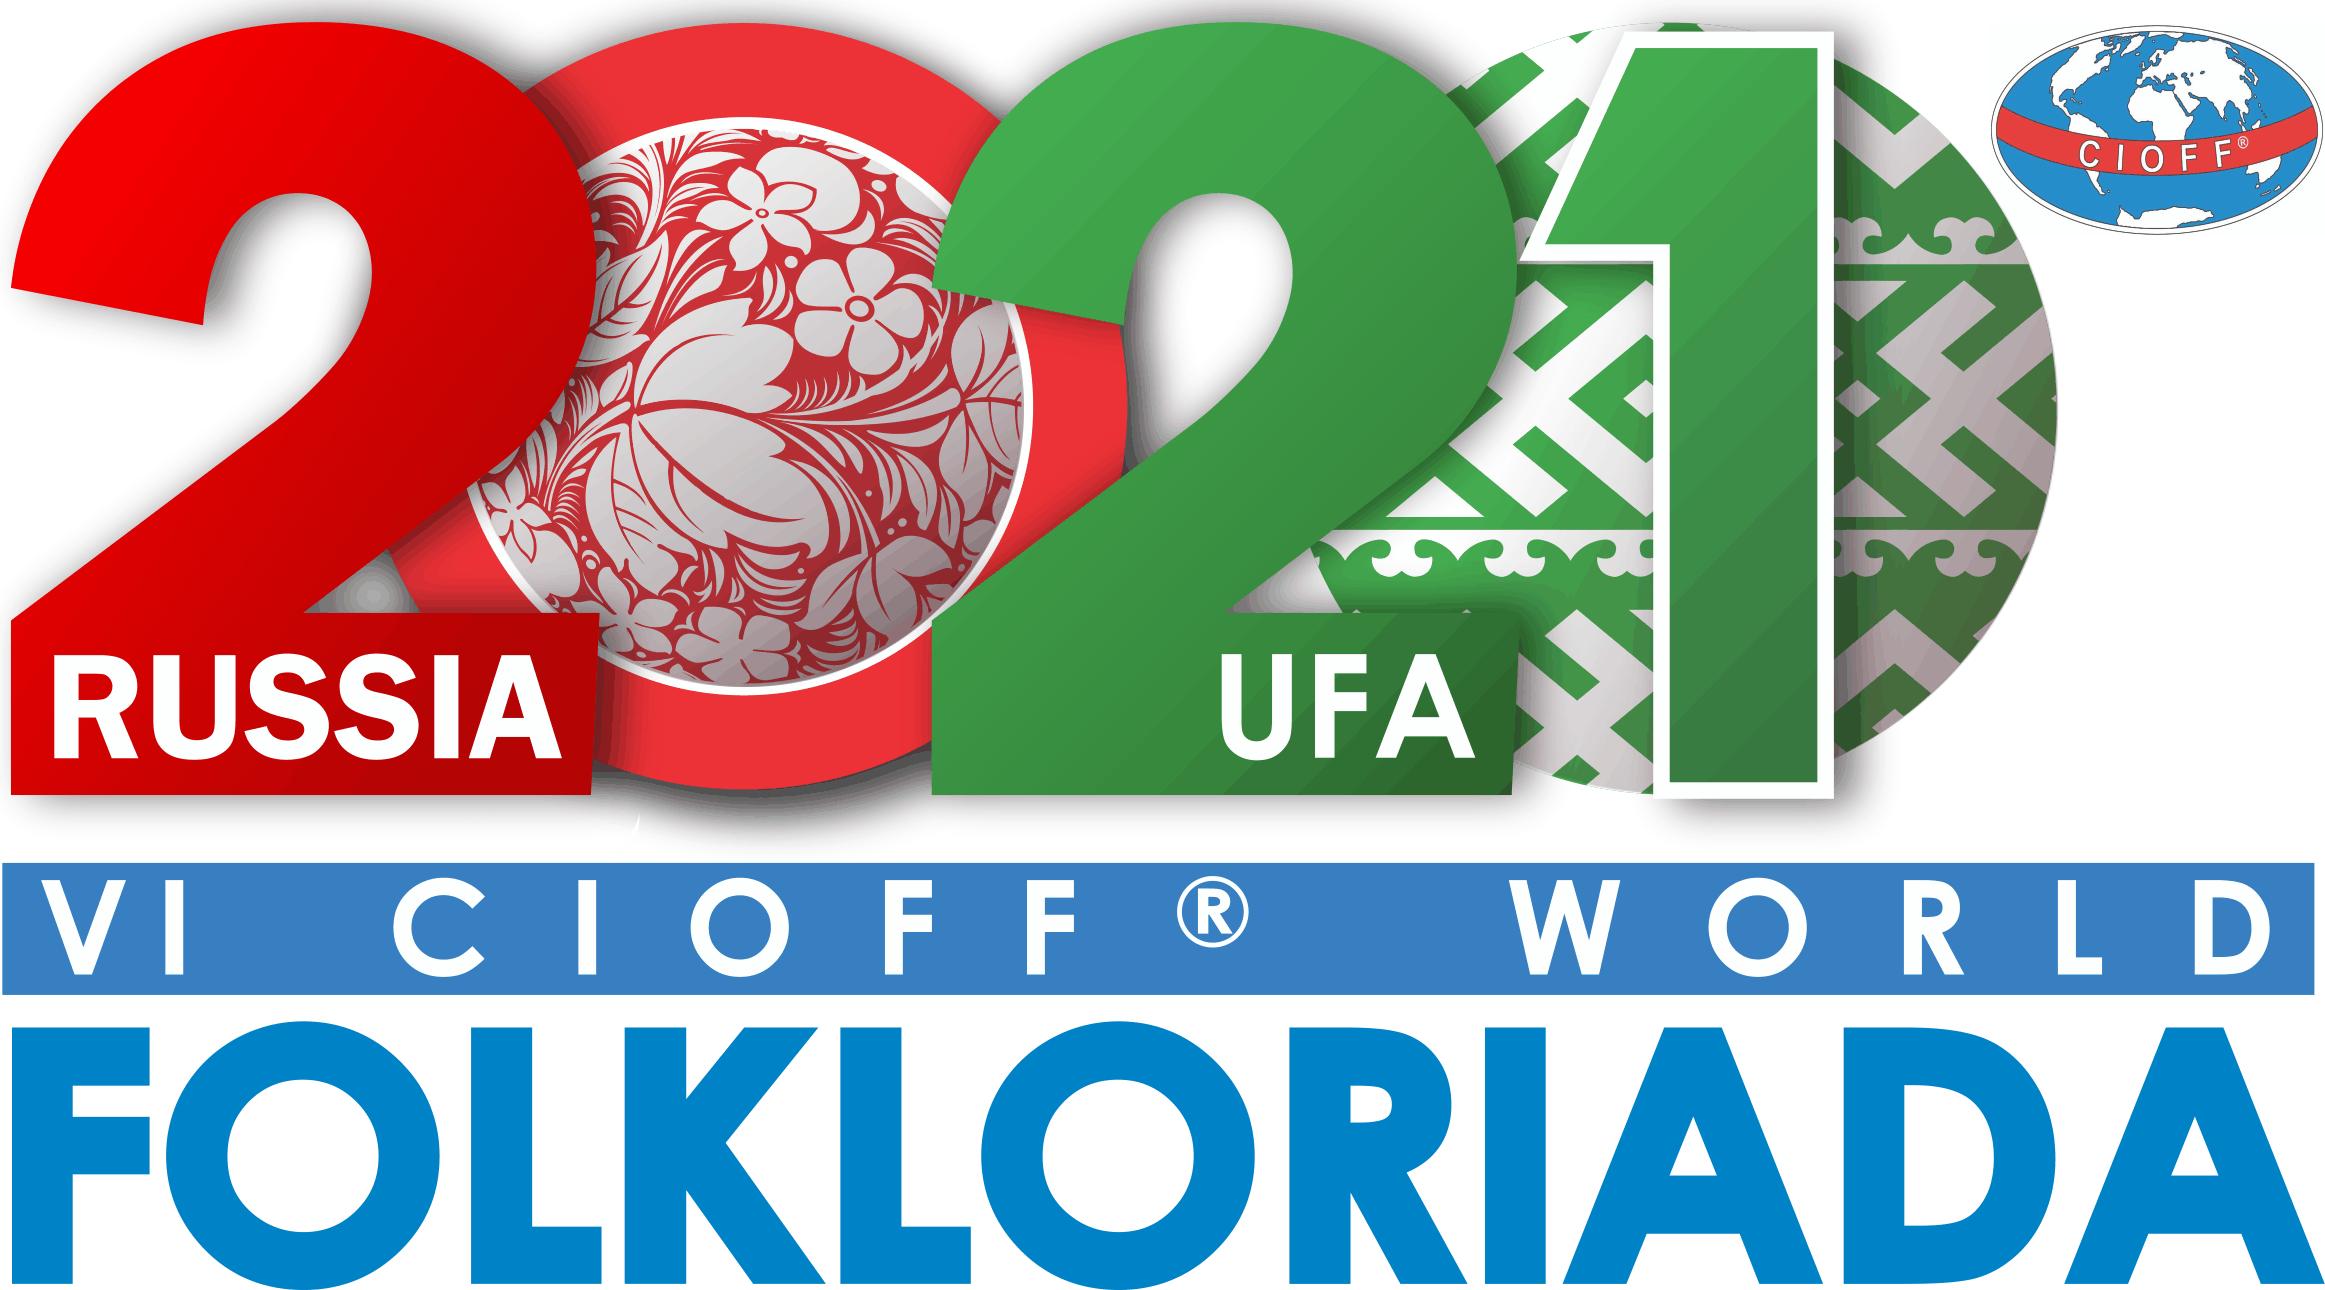 Артисты СГТКО приняли участие в церемонии открытия Всемирной фольклориады